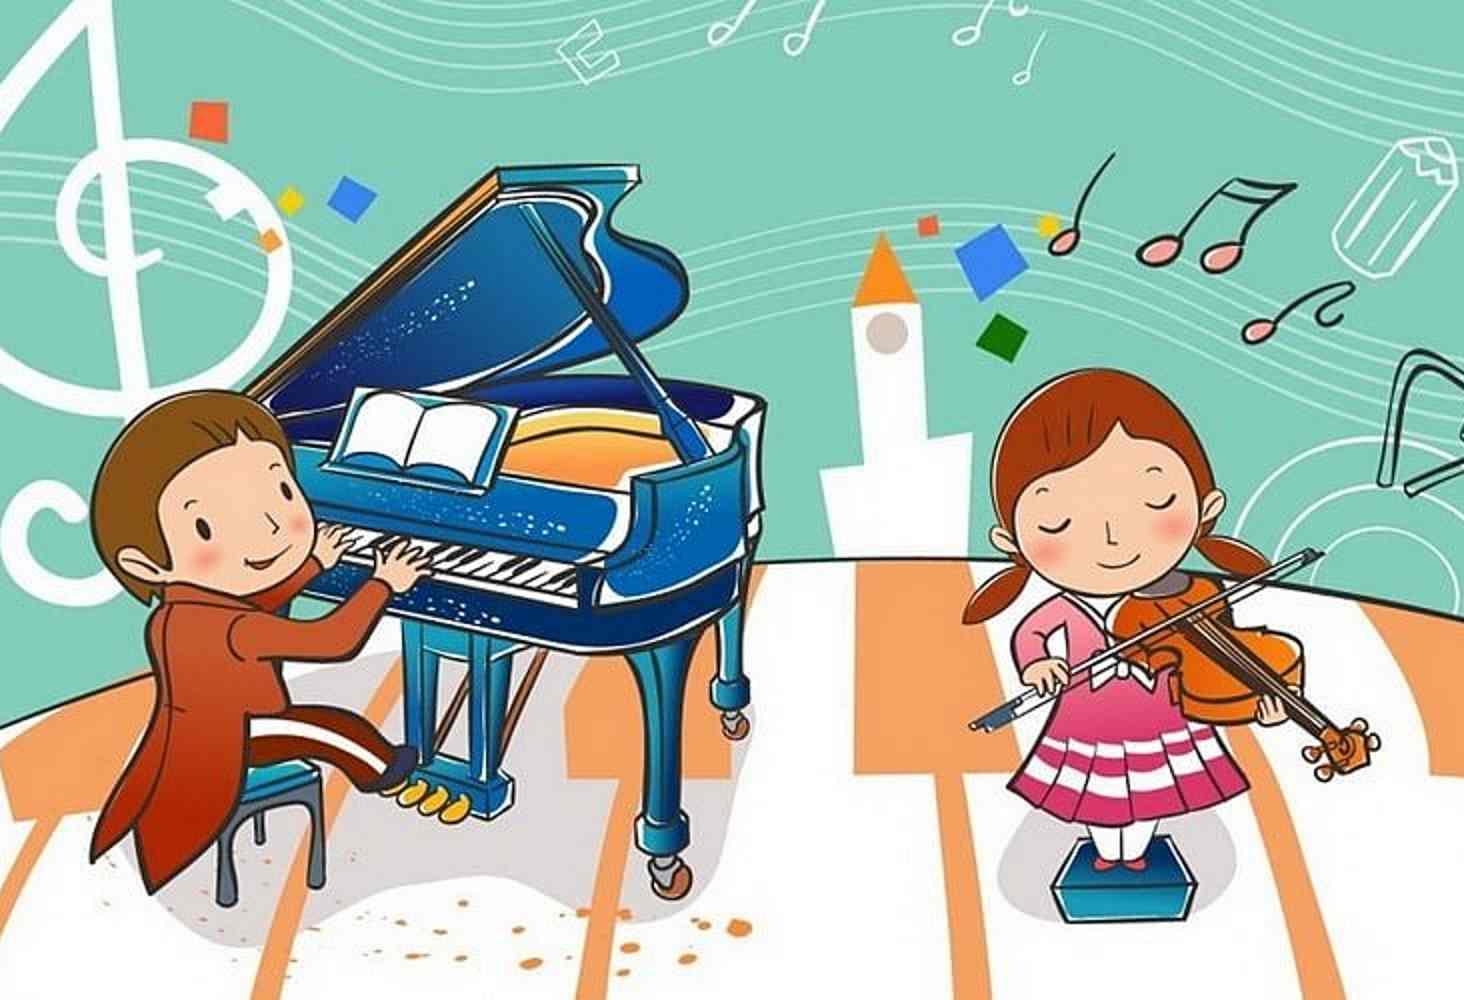 uchenye-zanyatiya-muzykoj-polozhitelno-vliyayut-na-osvoenie-detmi-shkolnoj-programmy